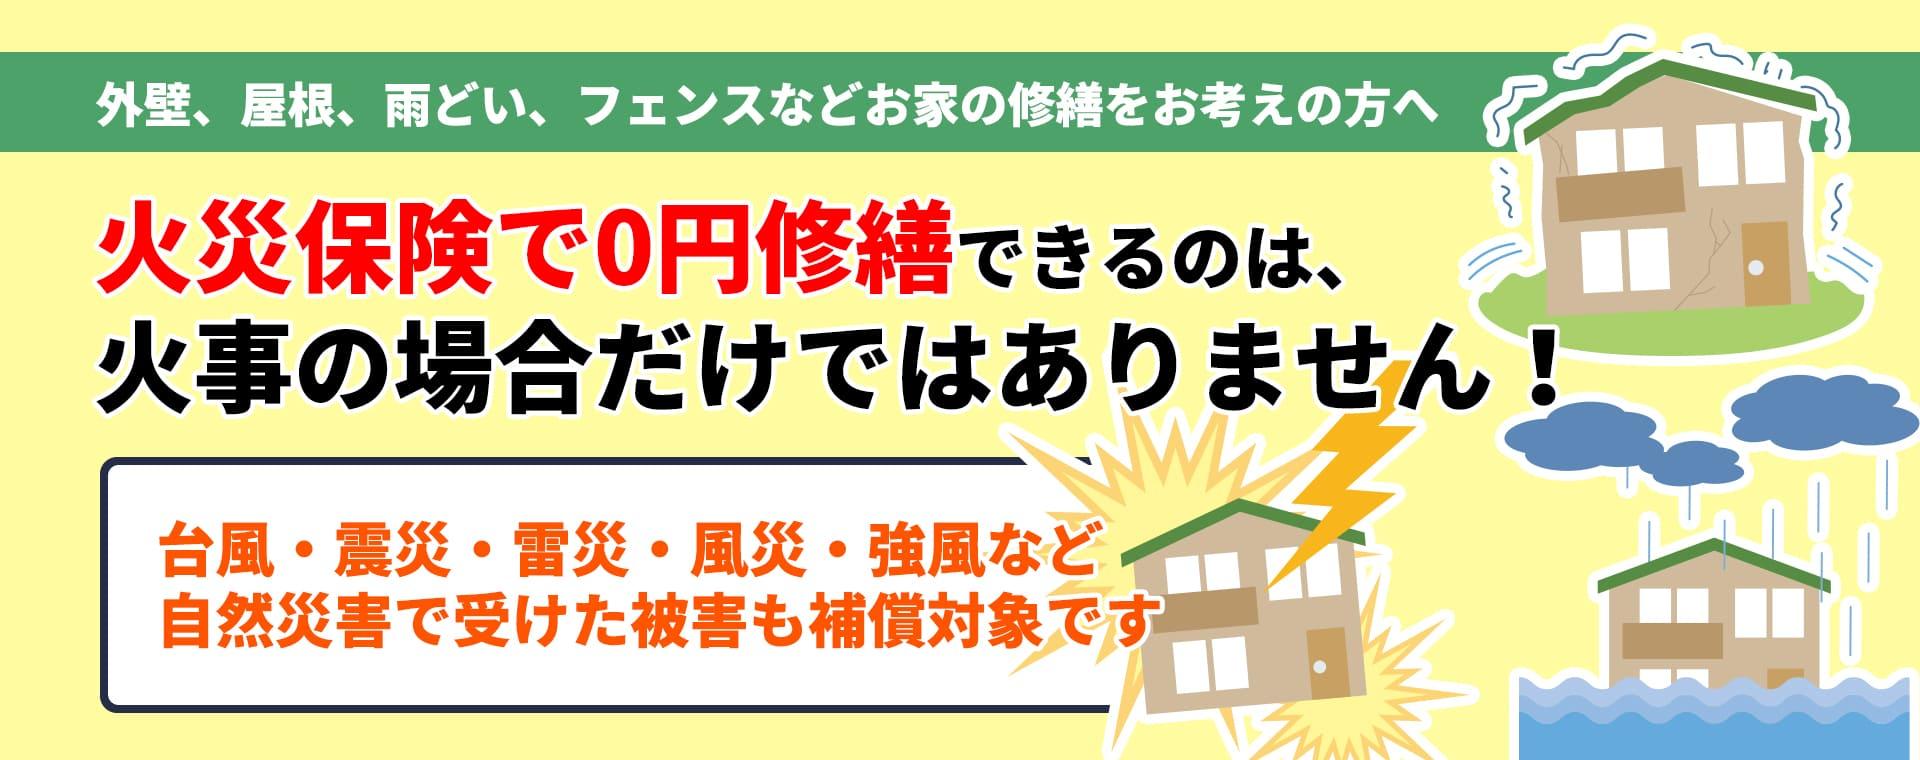 火災保険で0円修繕できるのは、火事の場合だけではありません!